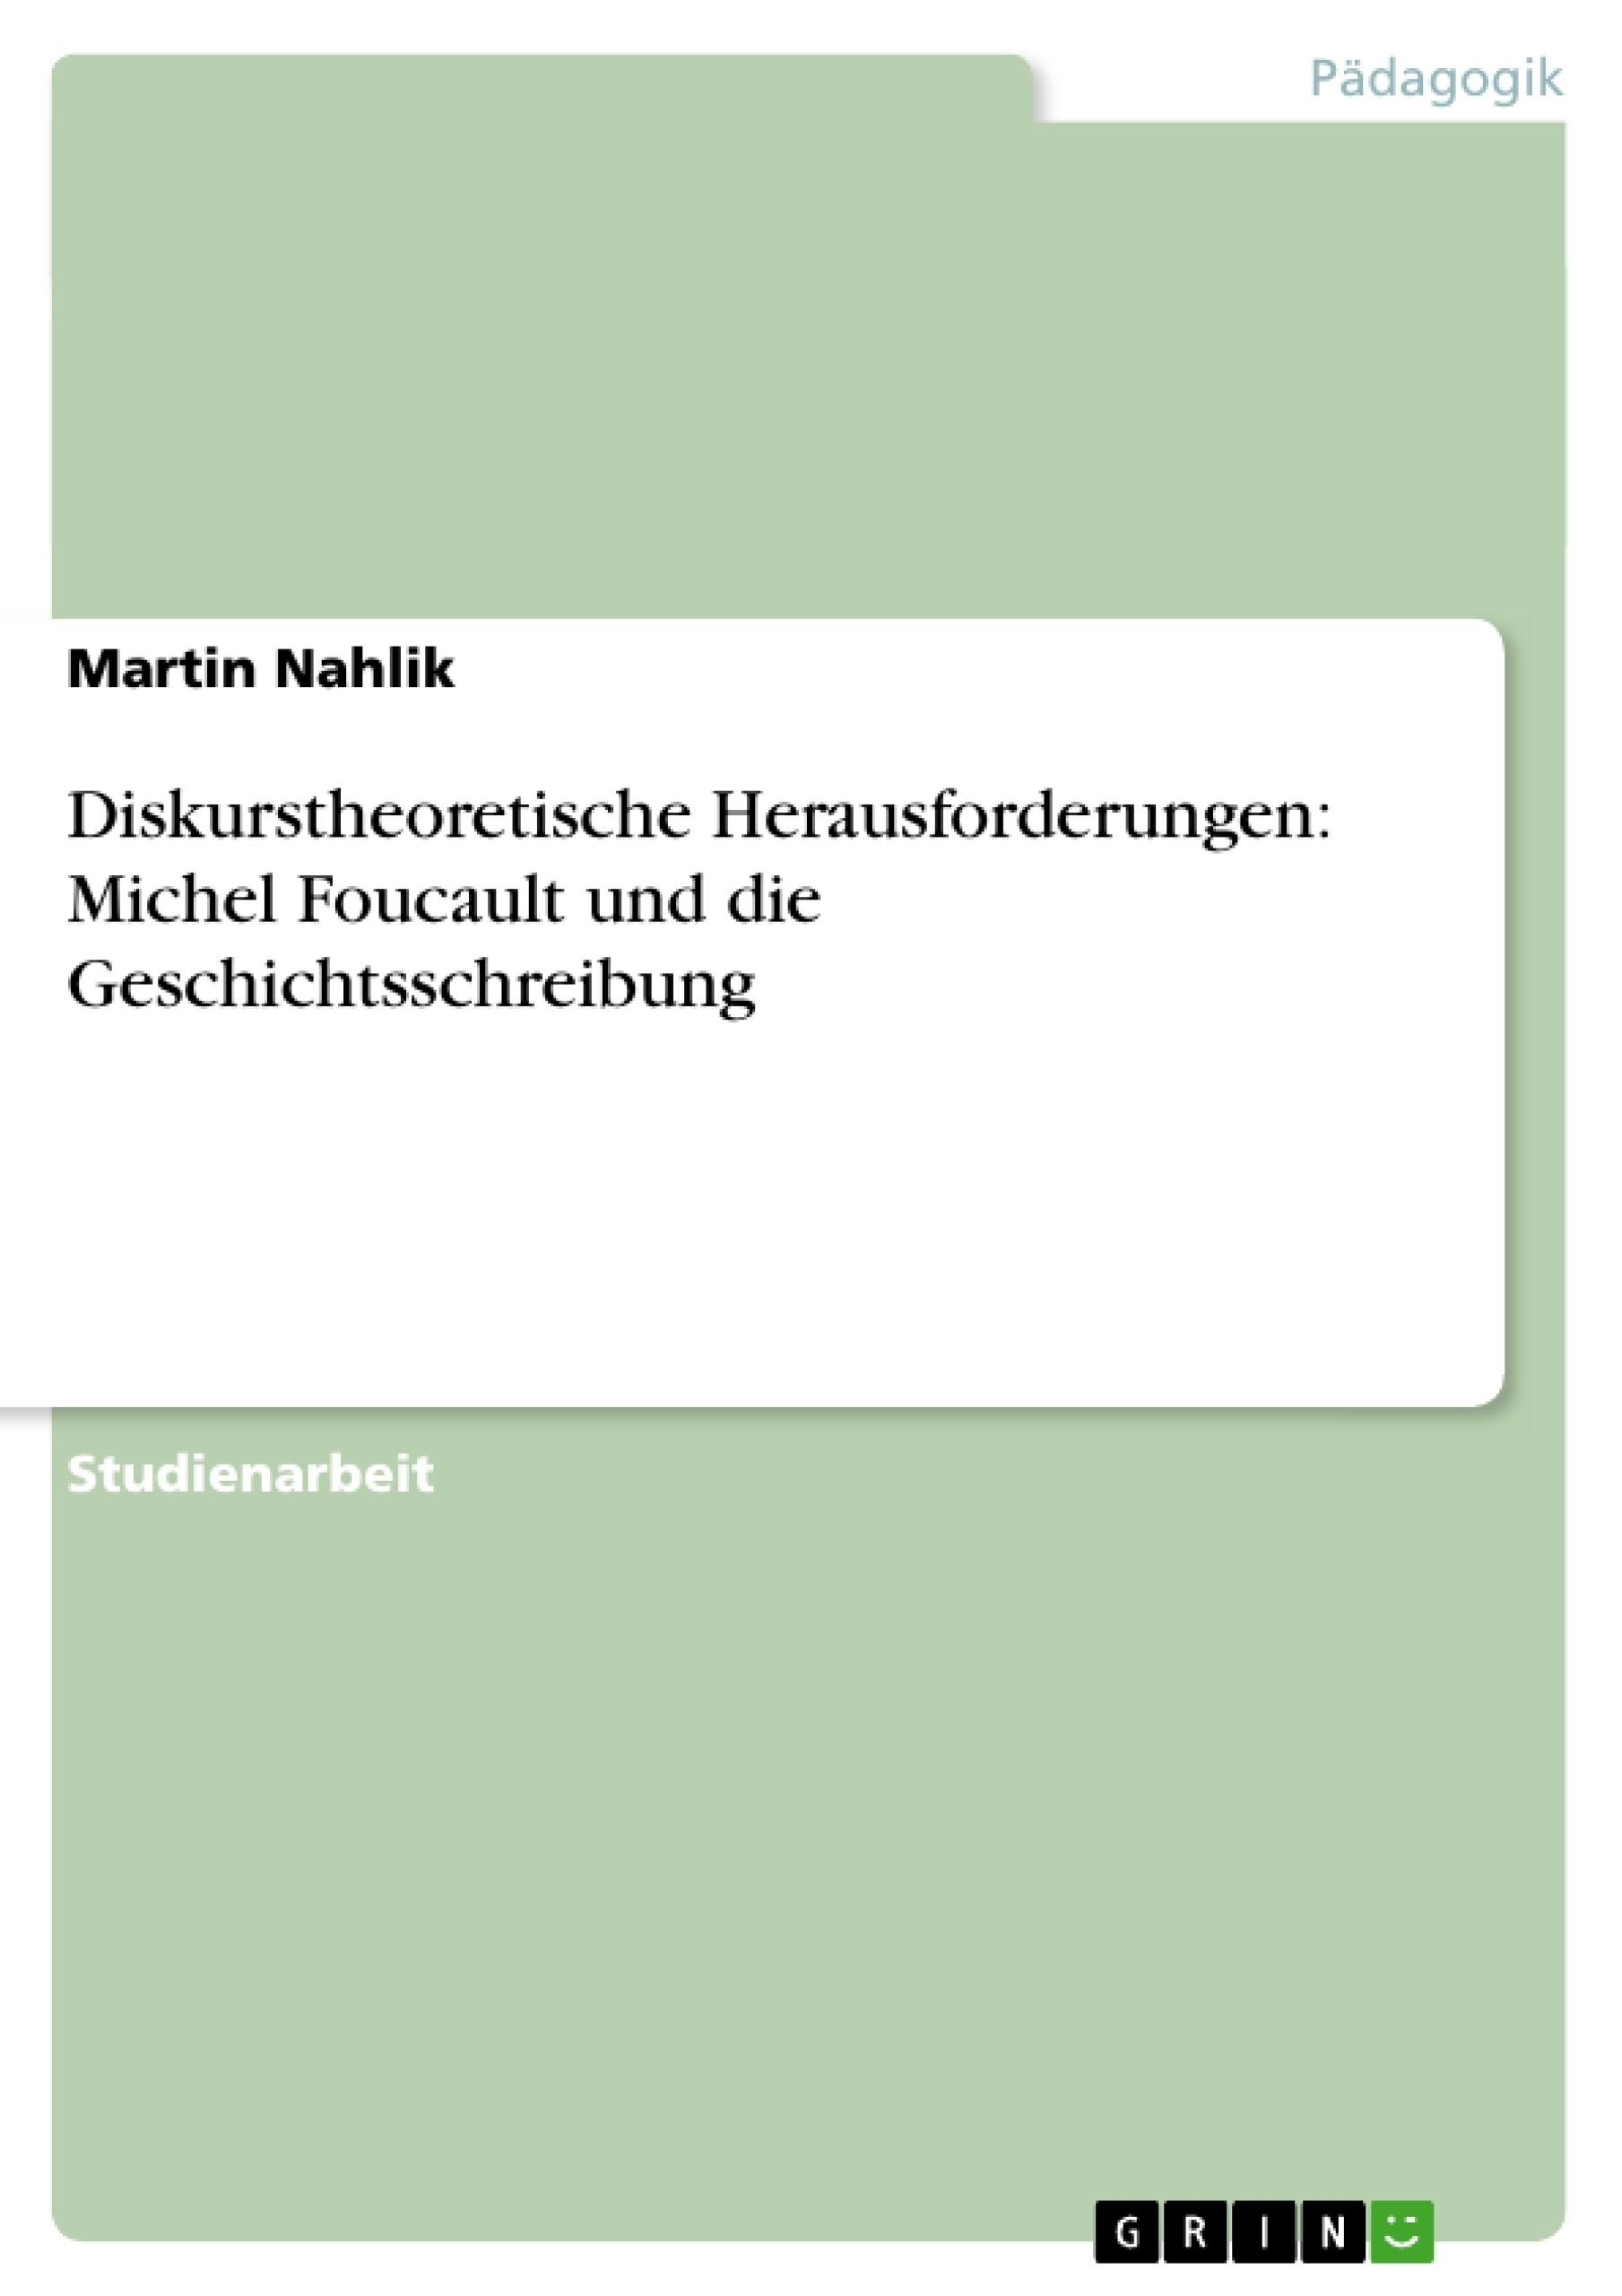 Titel: Diskurstheoretische Herausforderungen: Michel Foucault und die Geschichtsschreibung